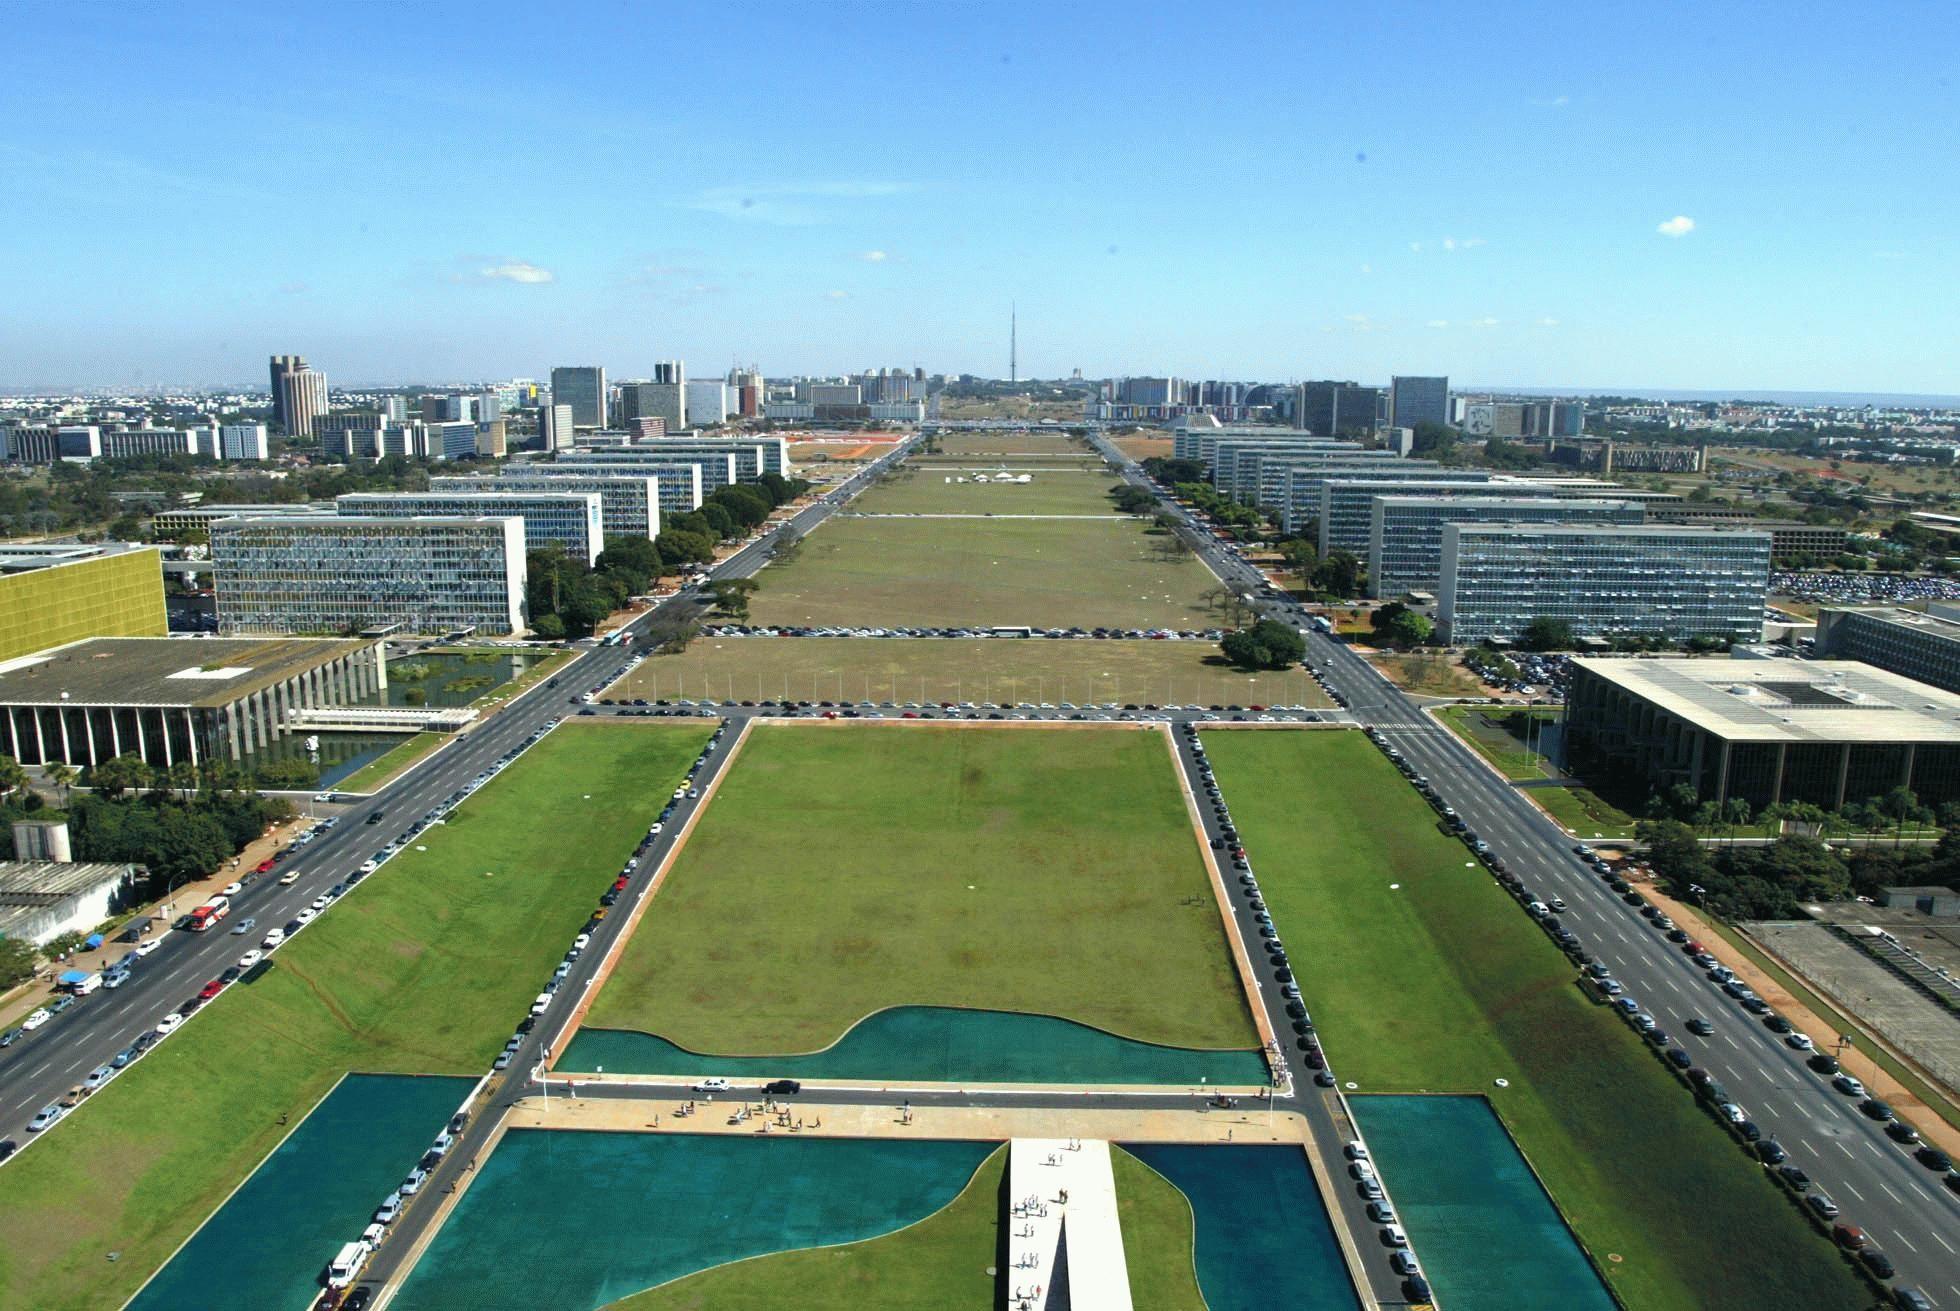 Principais pontos turísticos de Brasília | Viagens Pelo MundoViagens Pelo Mundo